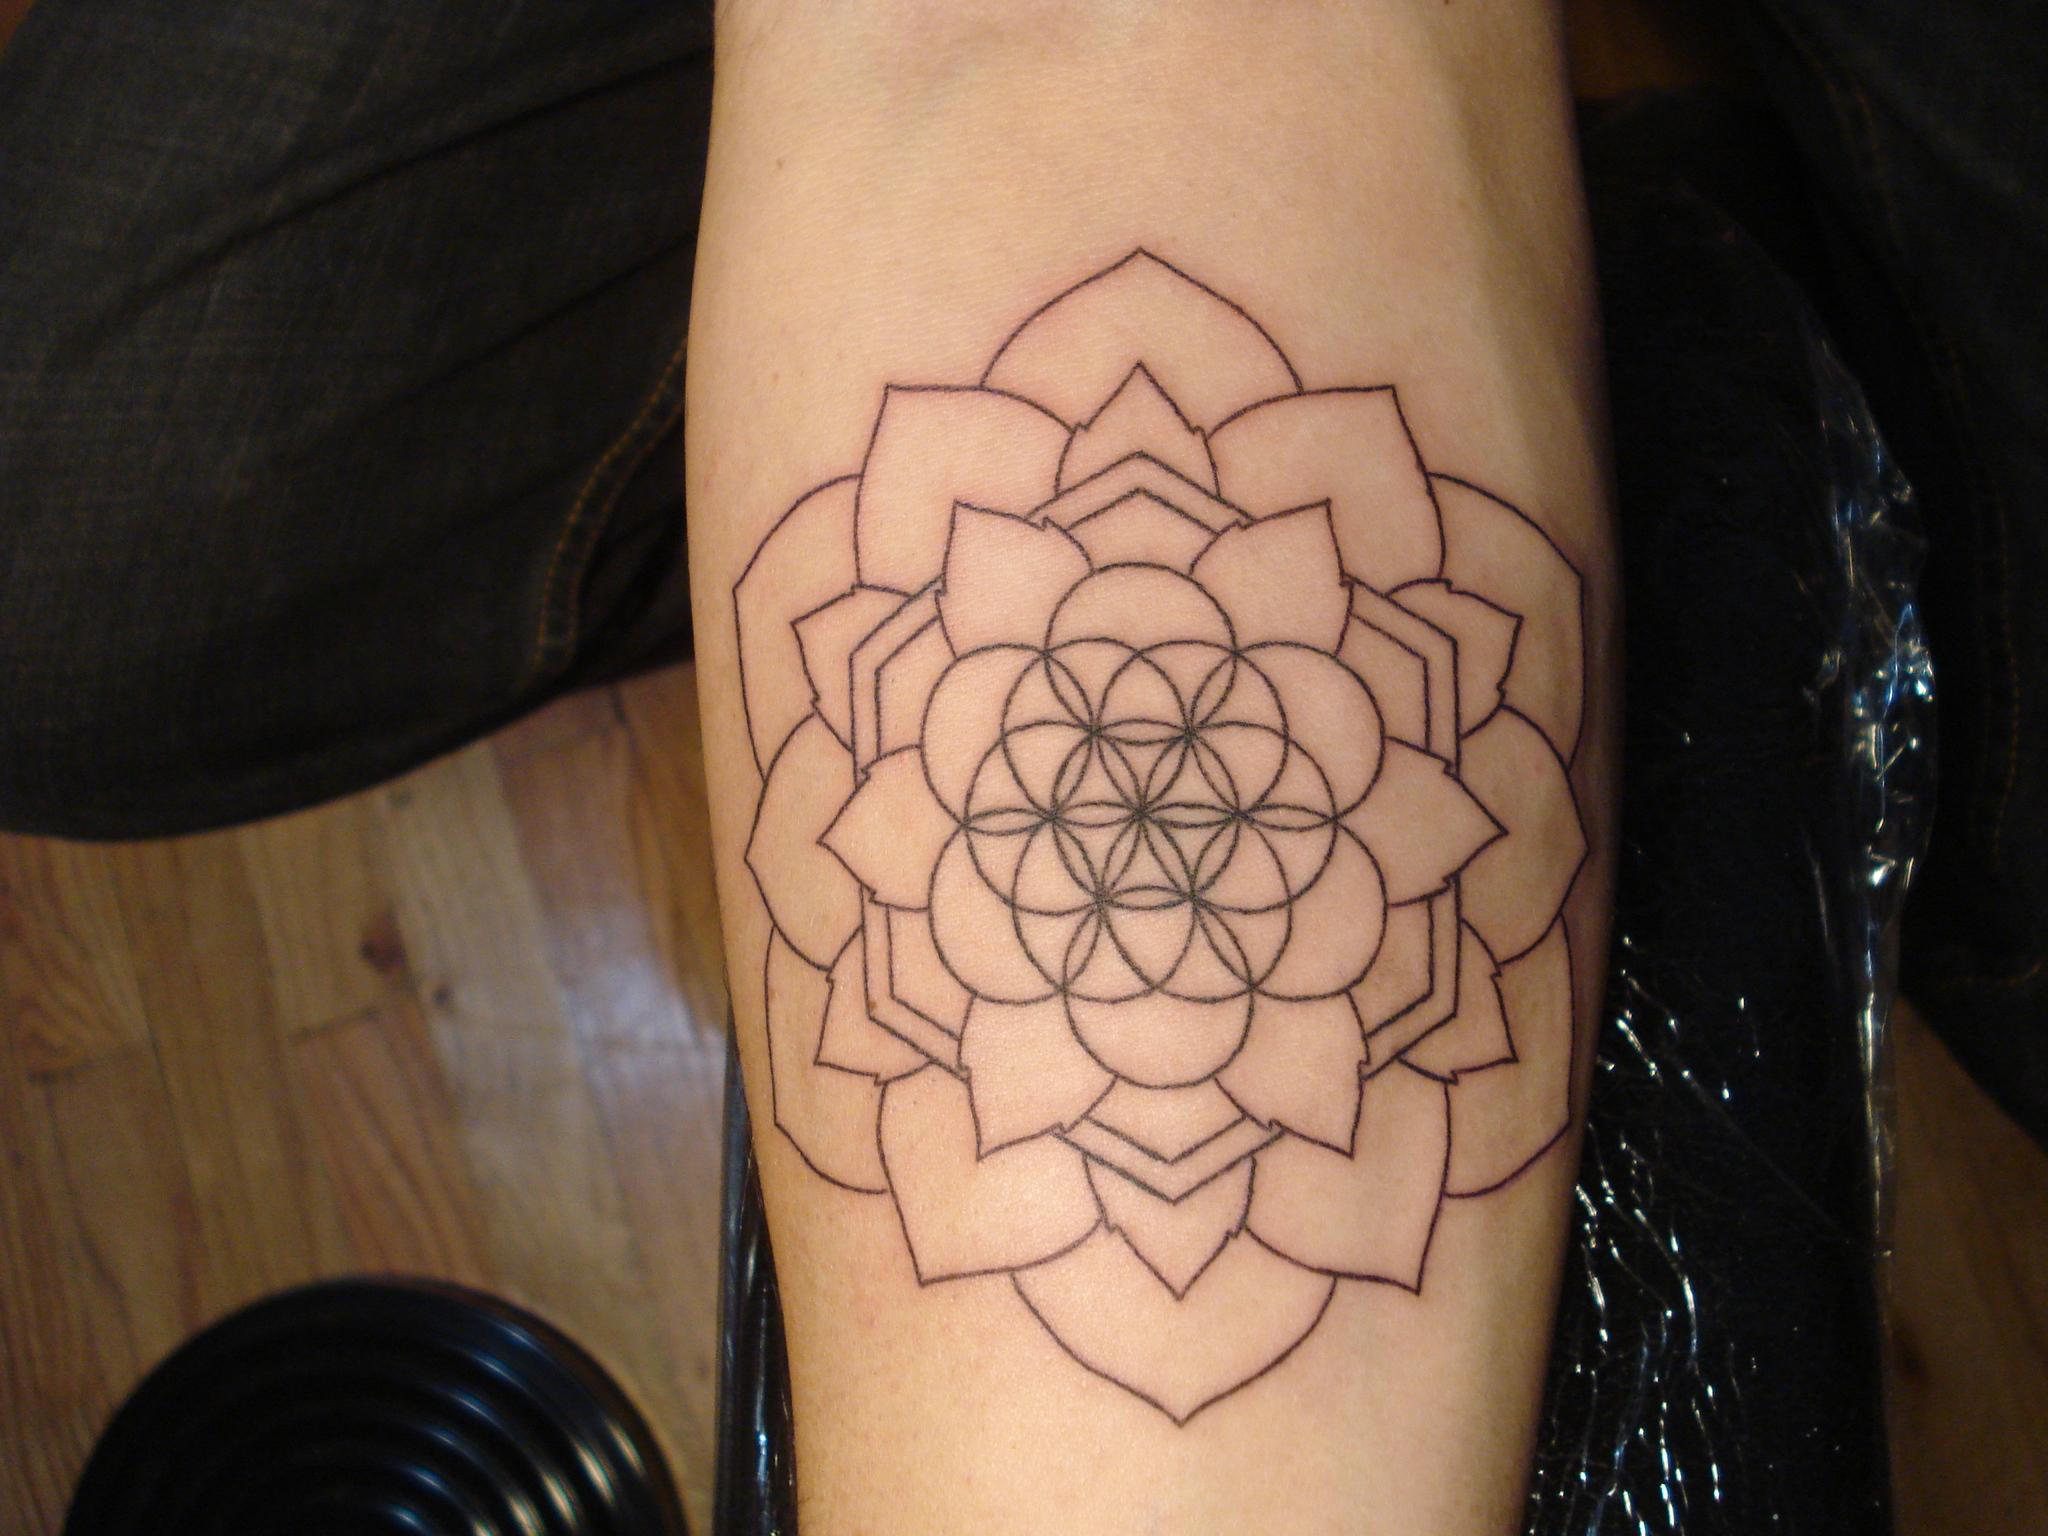 Geometric Flower Tattoo: Tattoo Inspiration Gallery